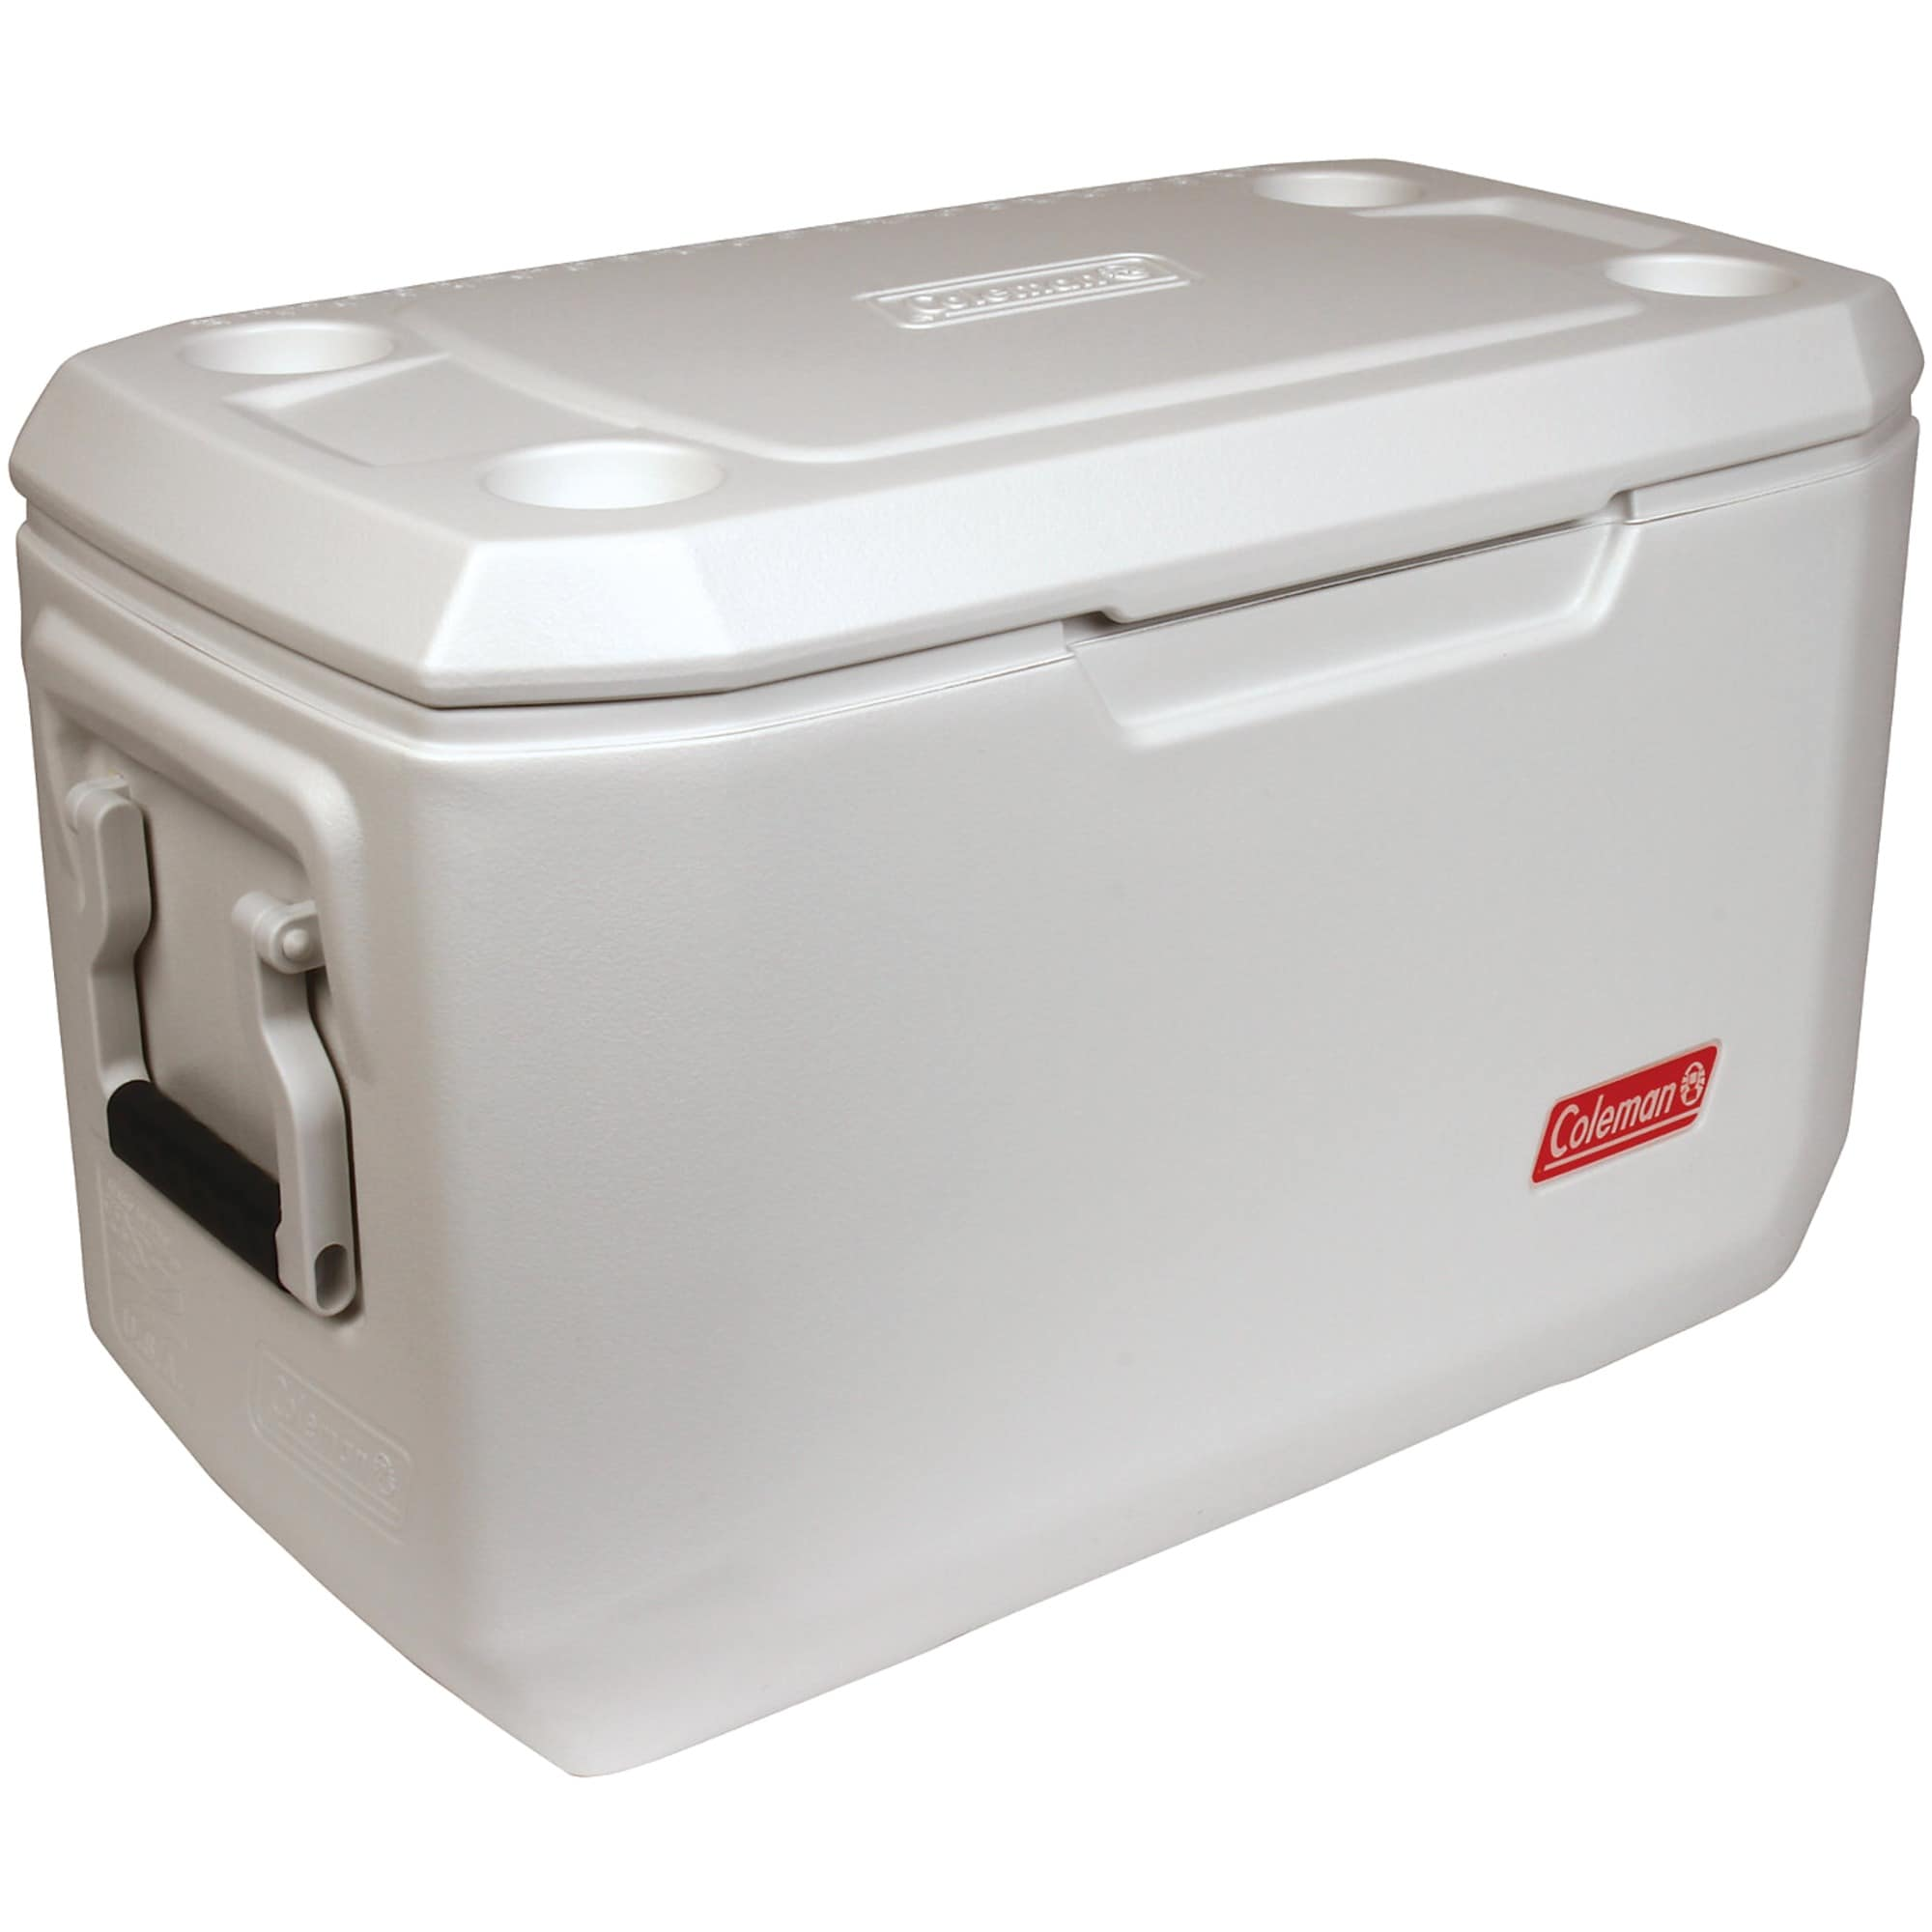 Coleman Kühlbox Xtreme Marine 66 Liter